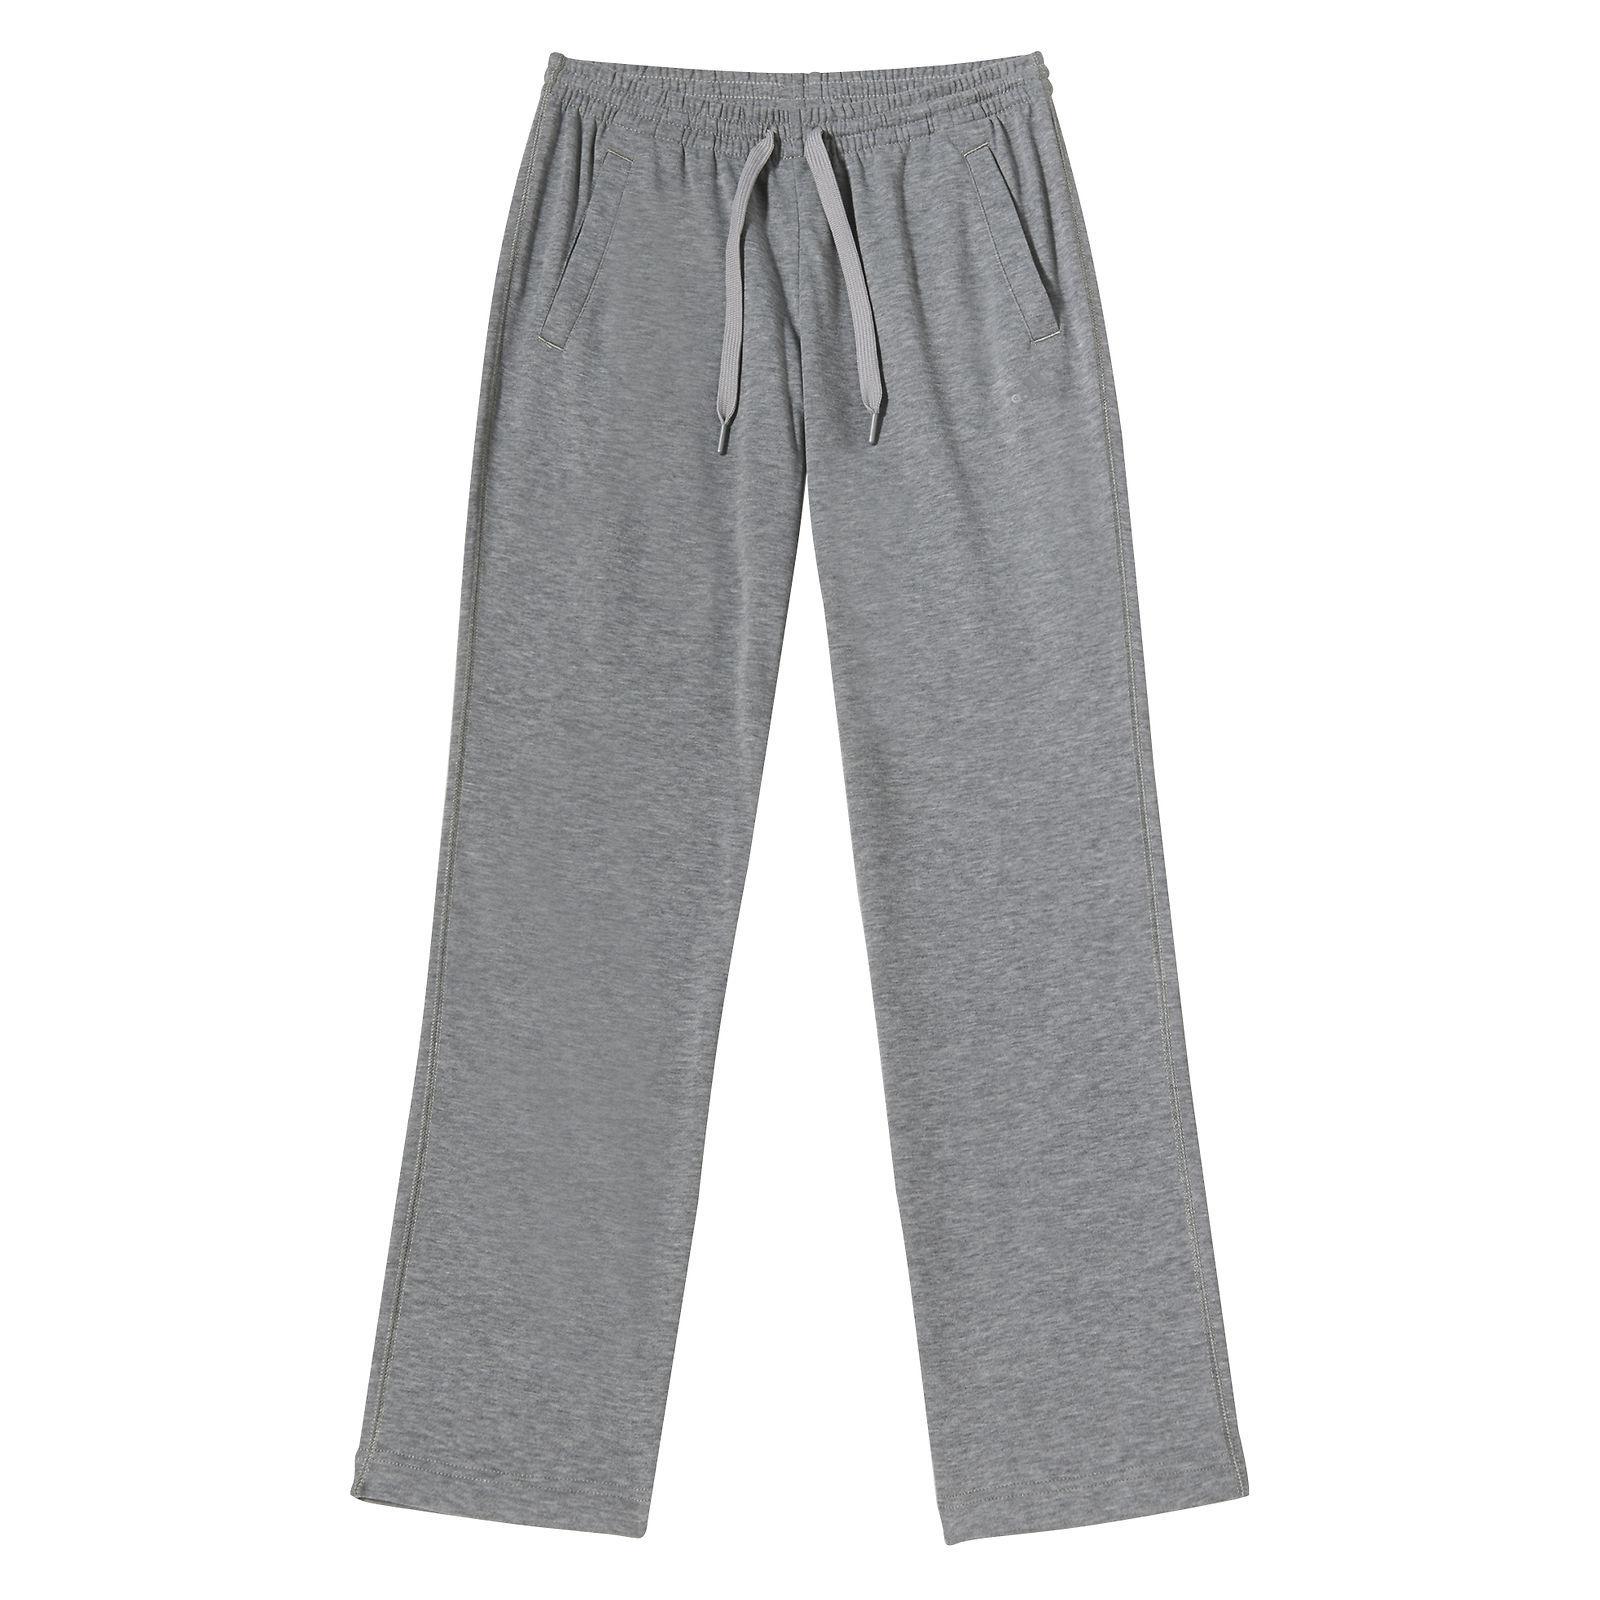 Spodnie adidas prime W F49408